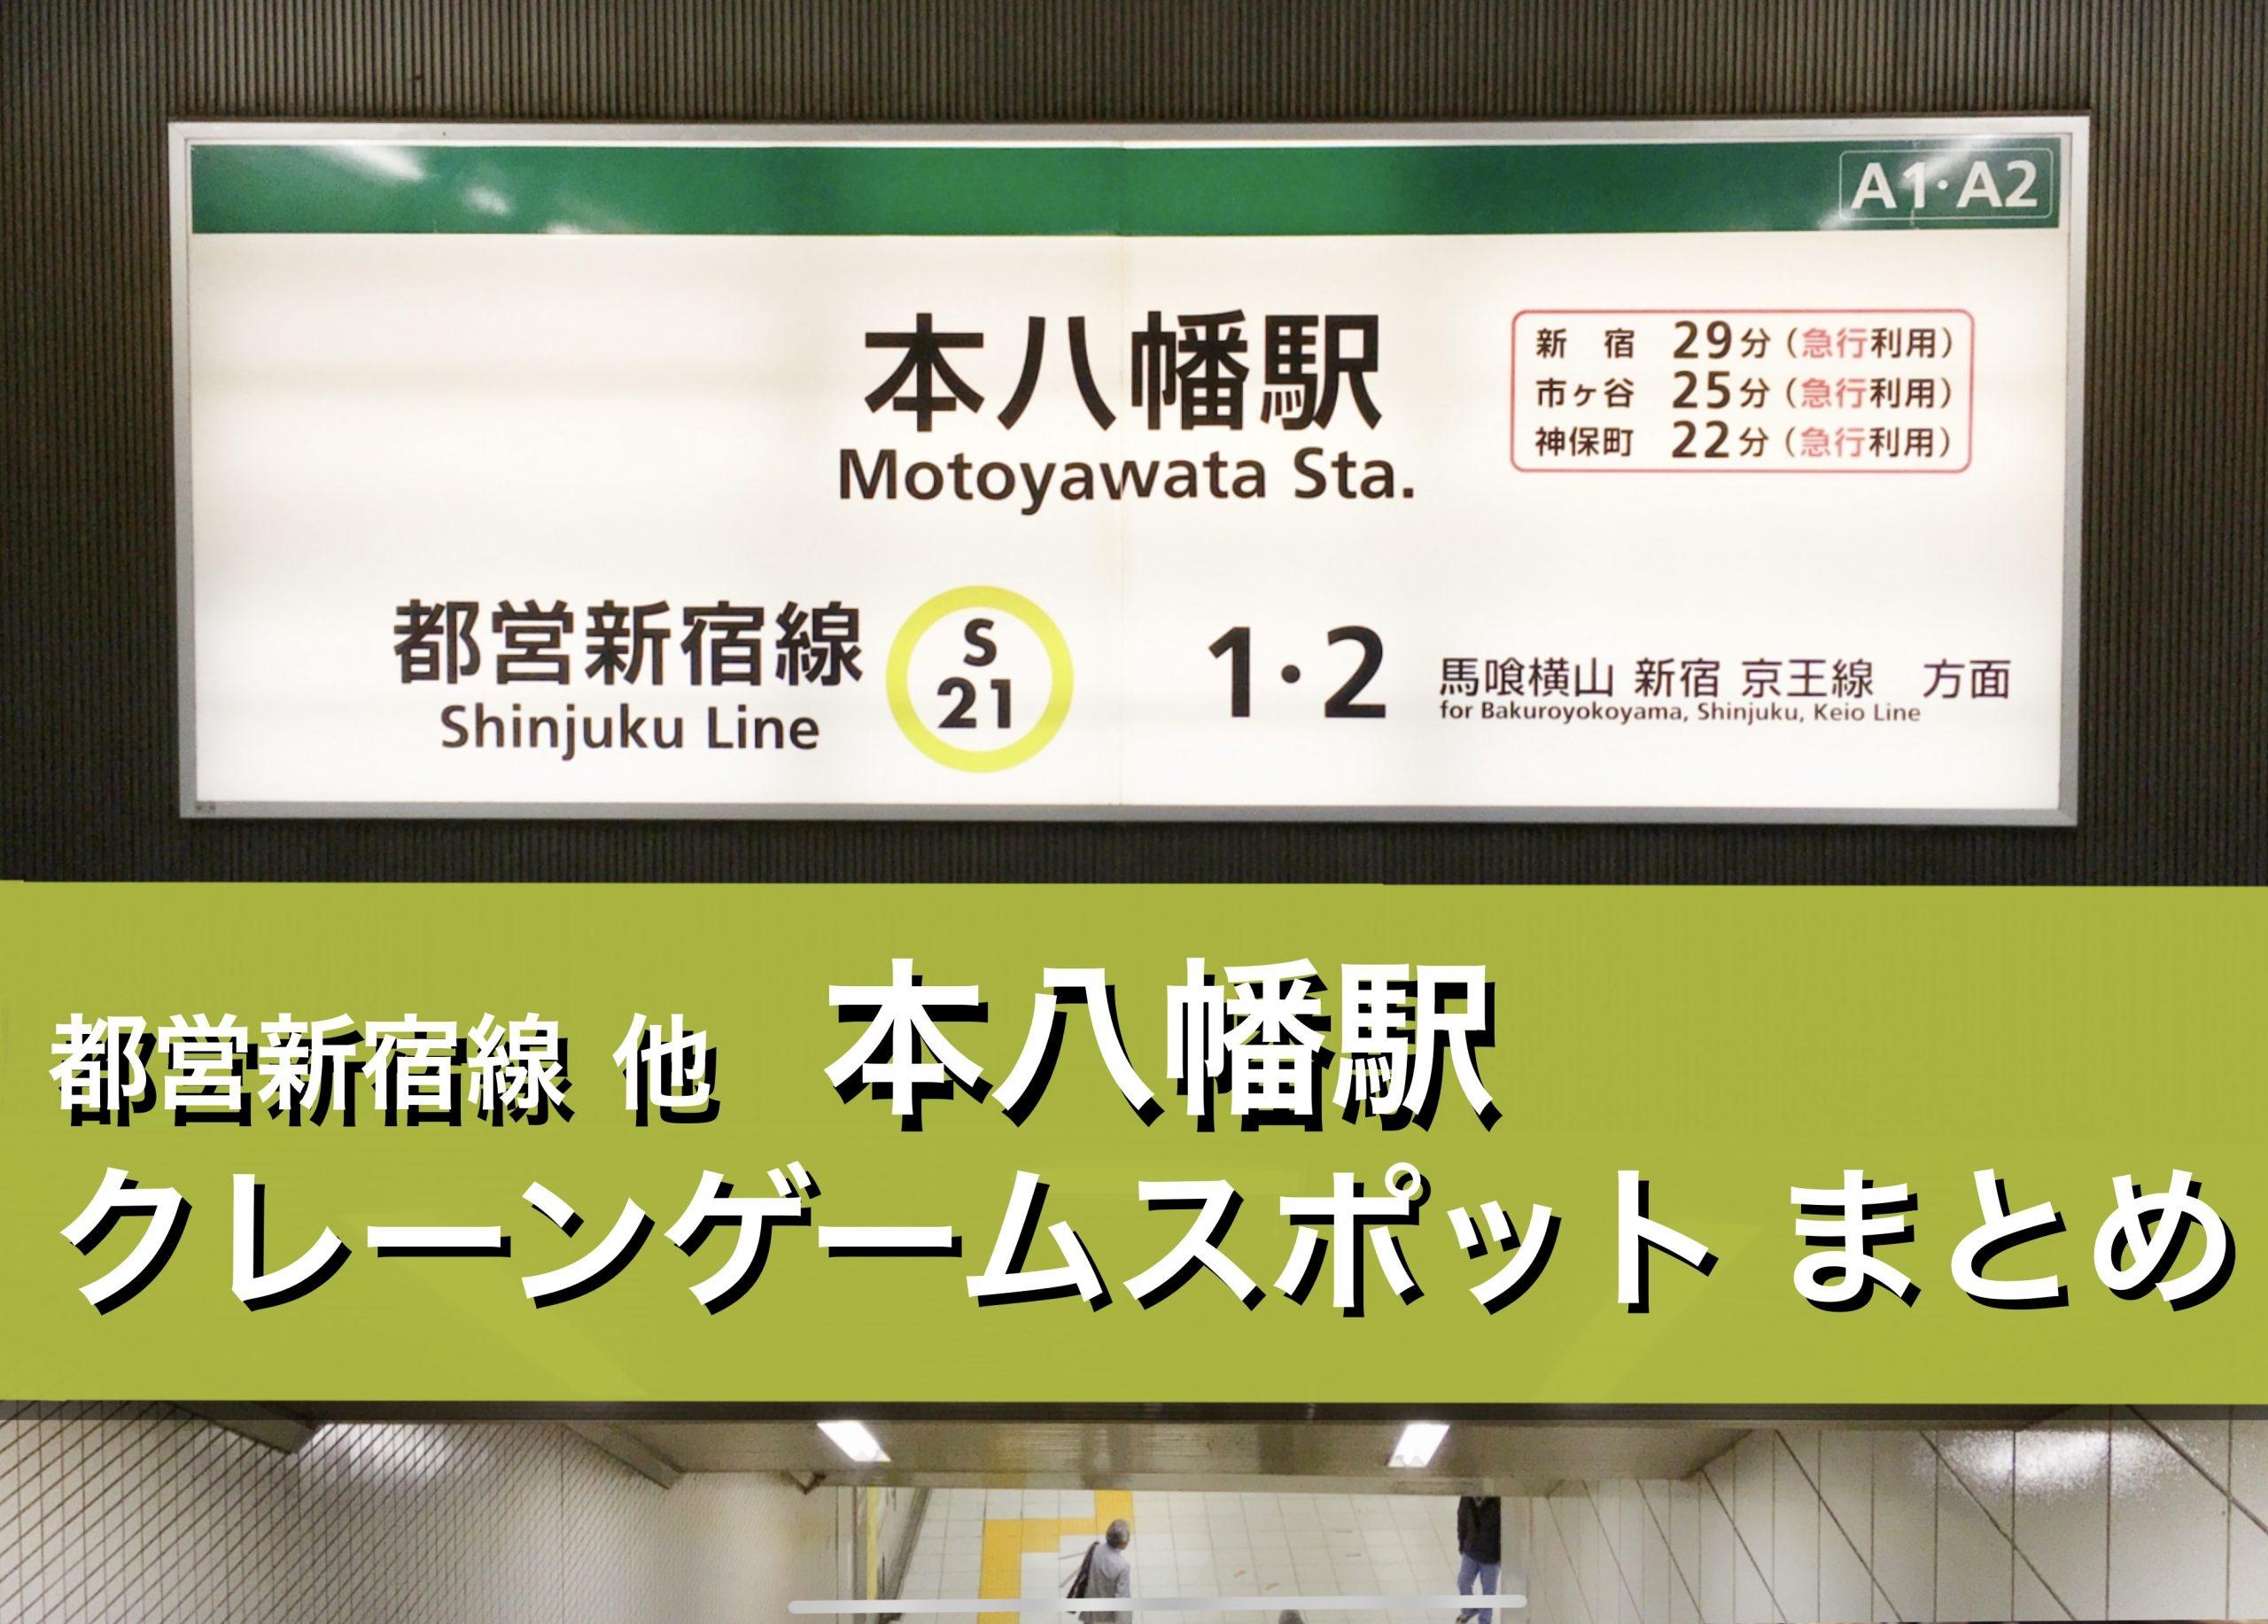 【本八幡駅】クレーンゲームができる場所